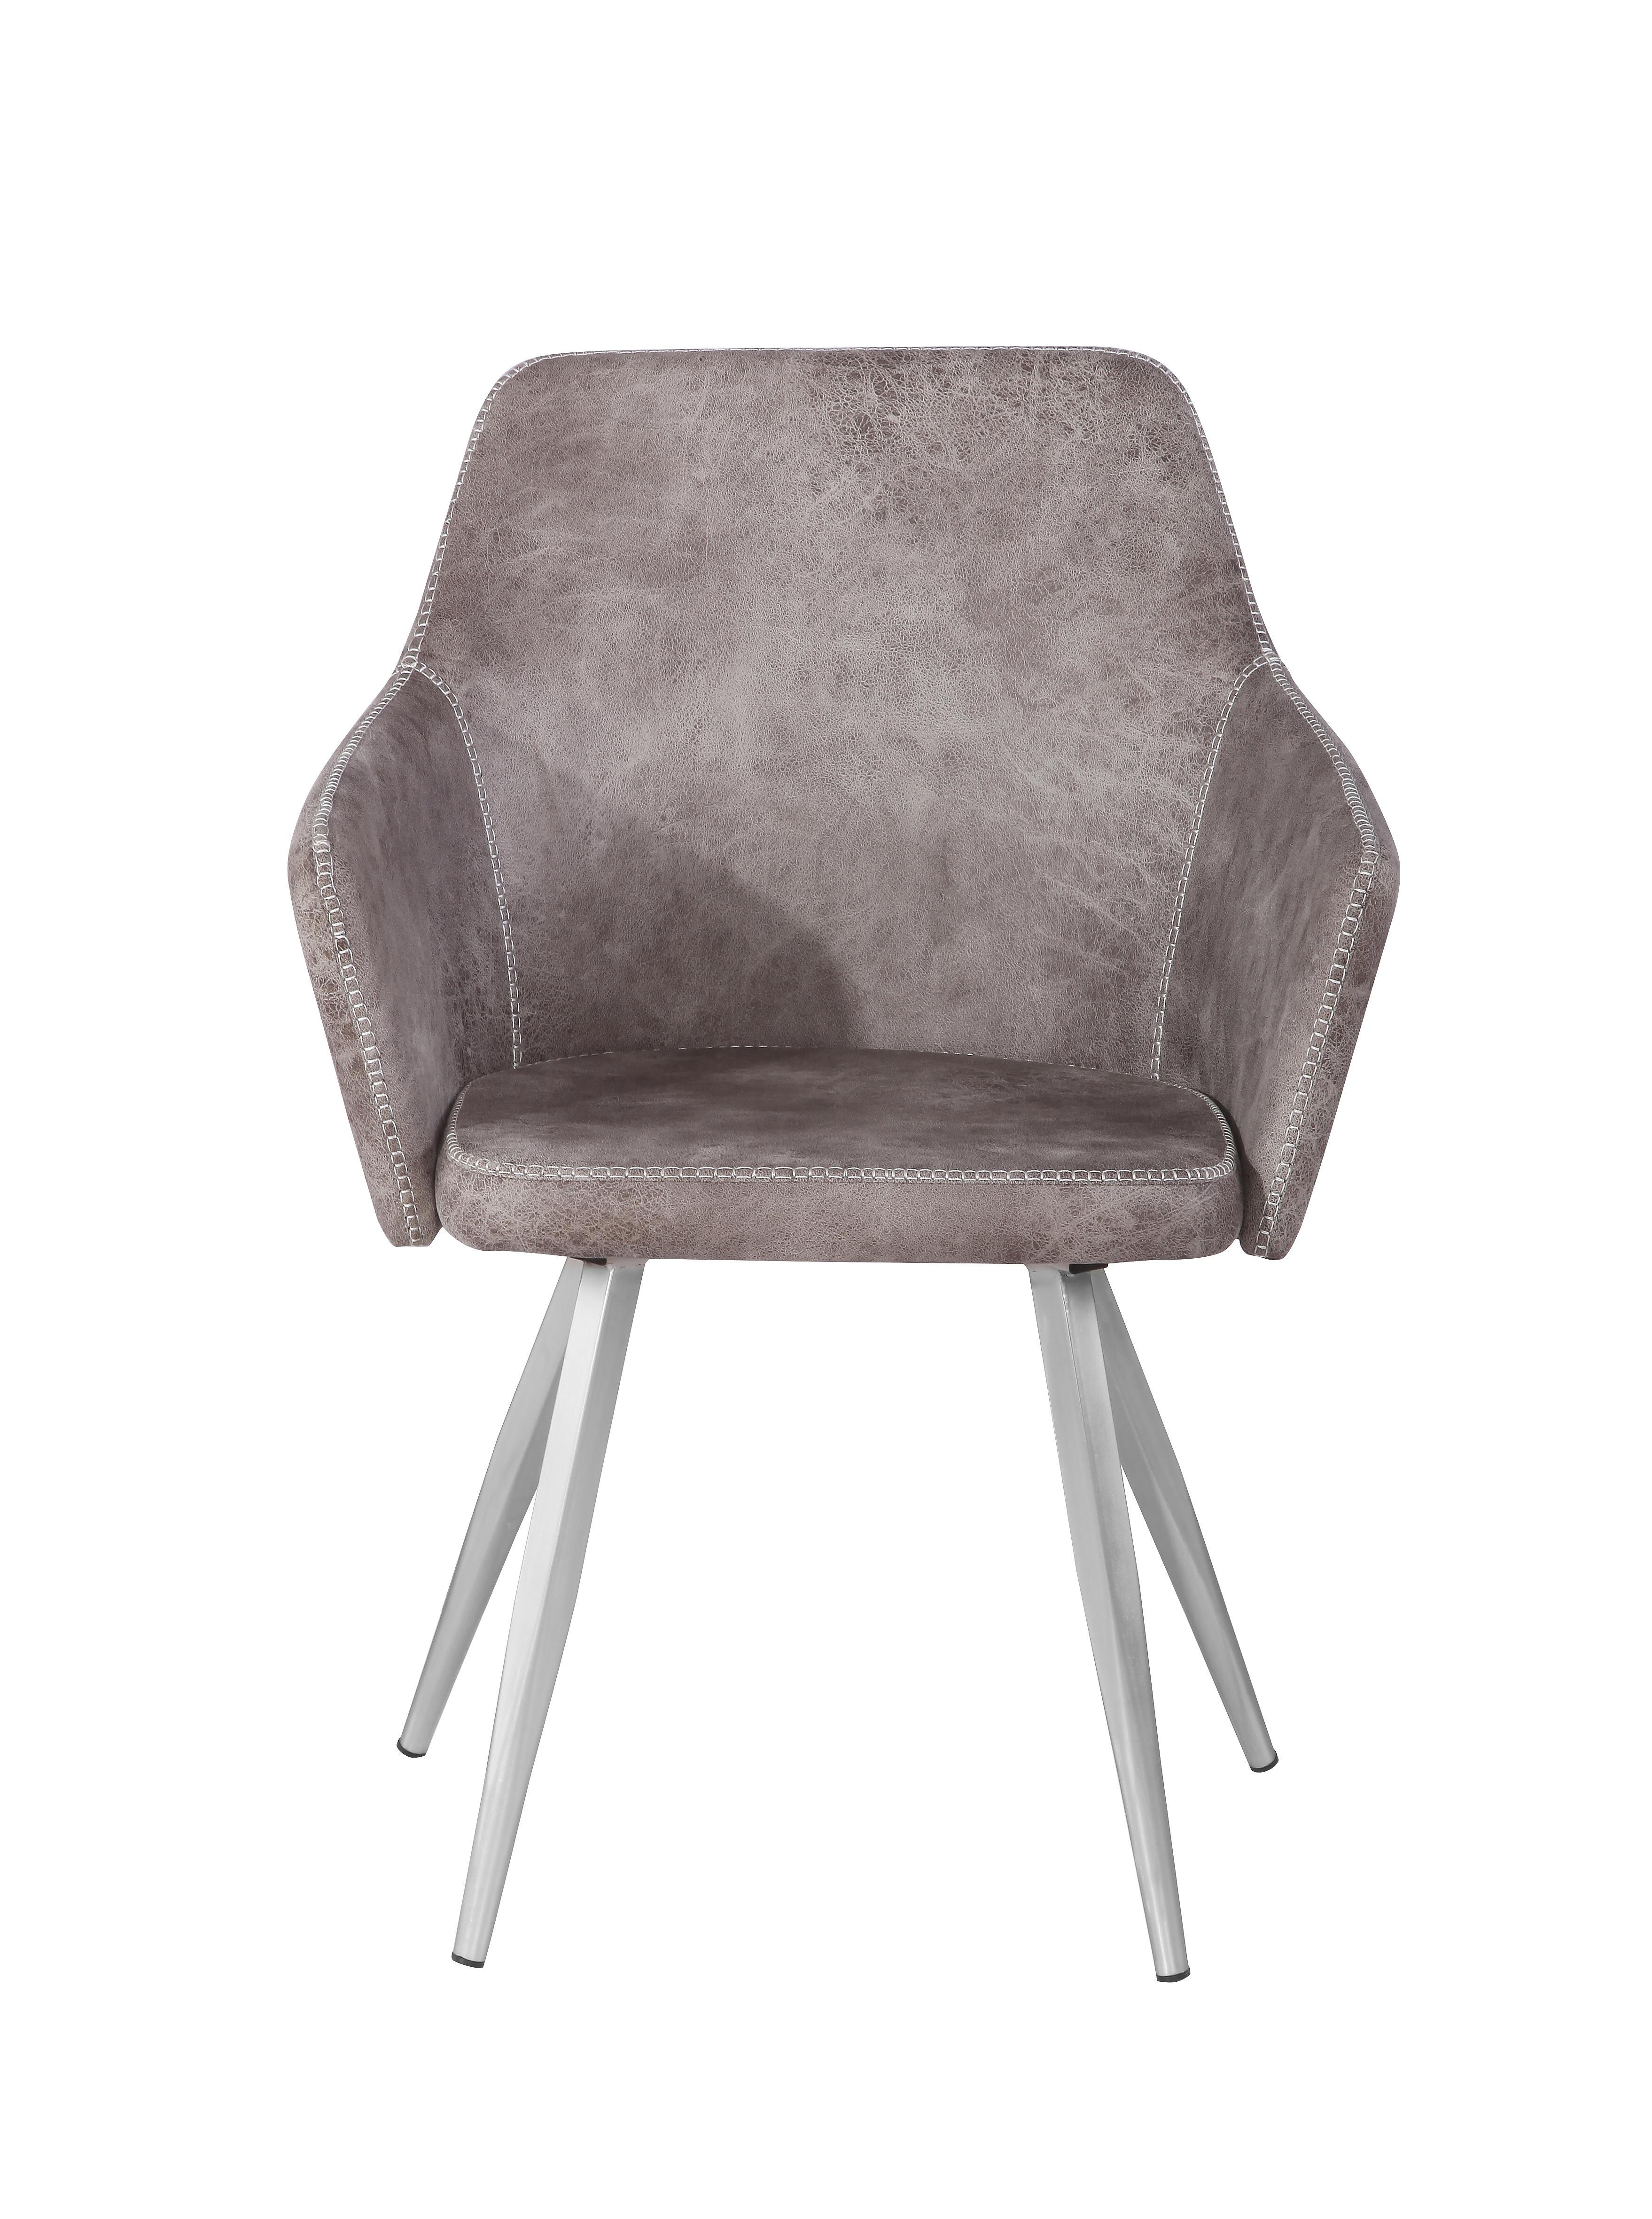 Esszimmerstühle Rabatt Esszimmergt Esszimmerstühle Rabatt